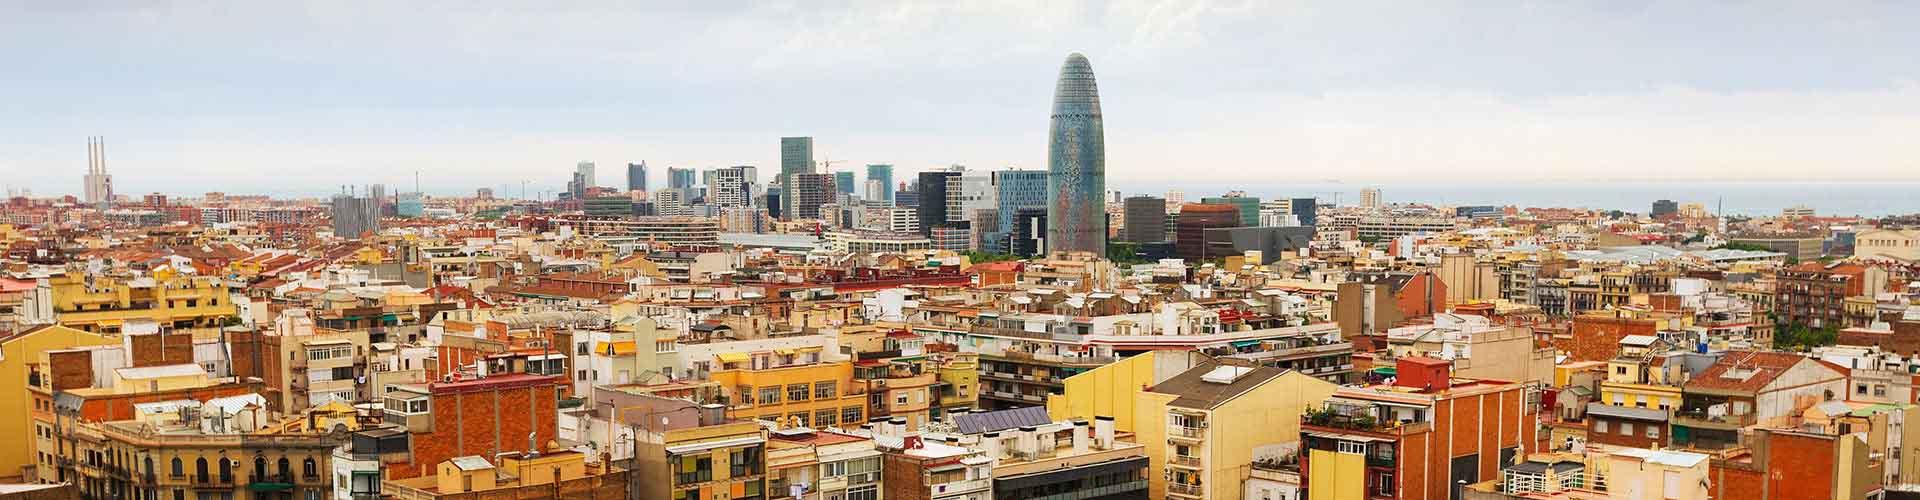 Barcelona - Albergues Juveniles en el distrito Sagrada Família . Mapas de Barcelona, Fotos y Comentarios para cada Albergue Juvenil en Barcelona.